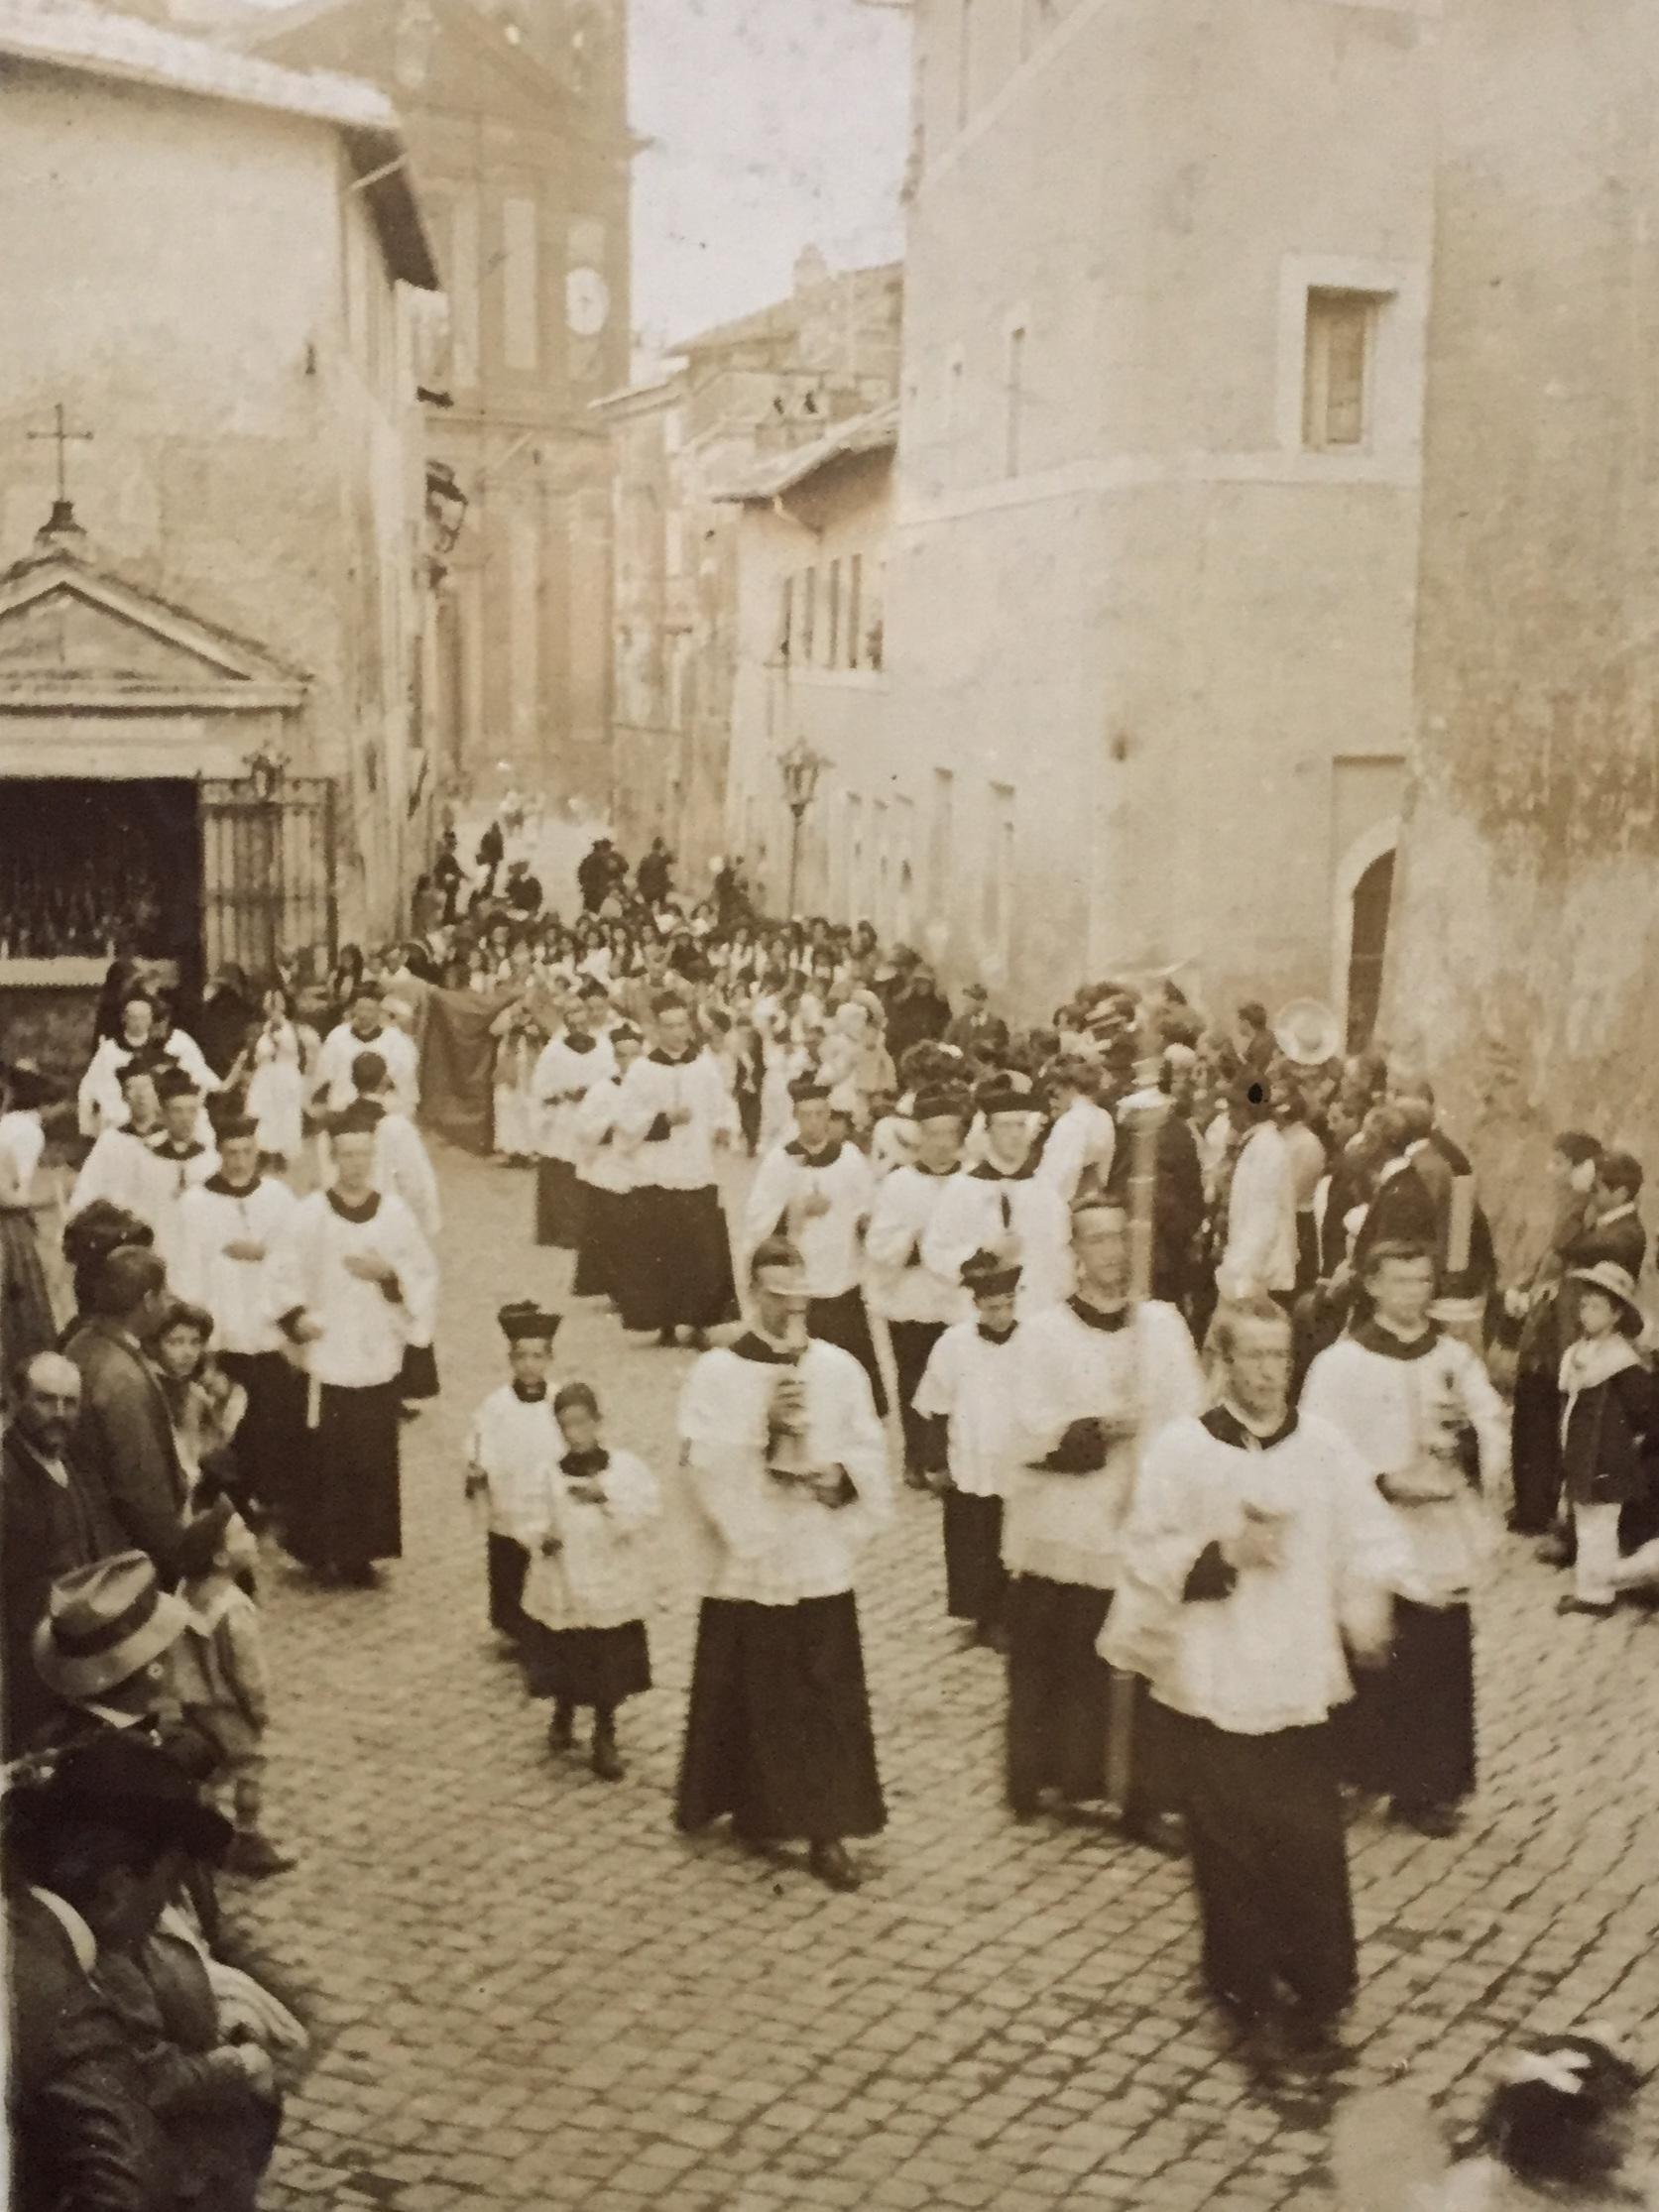 """"""" A fine set of men"""": seminarians of the Venerable English College leading a festal procession, Monte Porzio, 1909"""